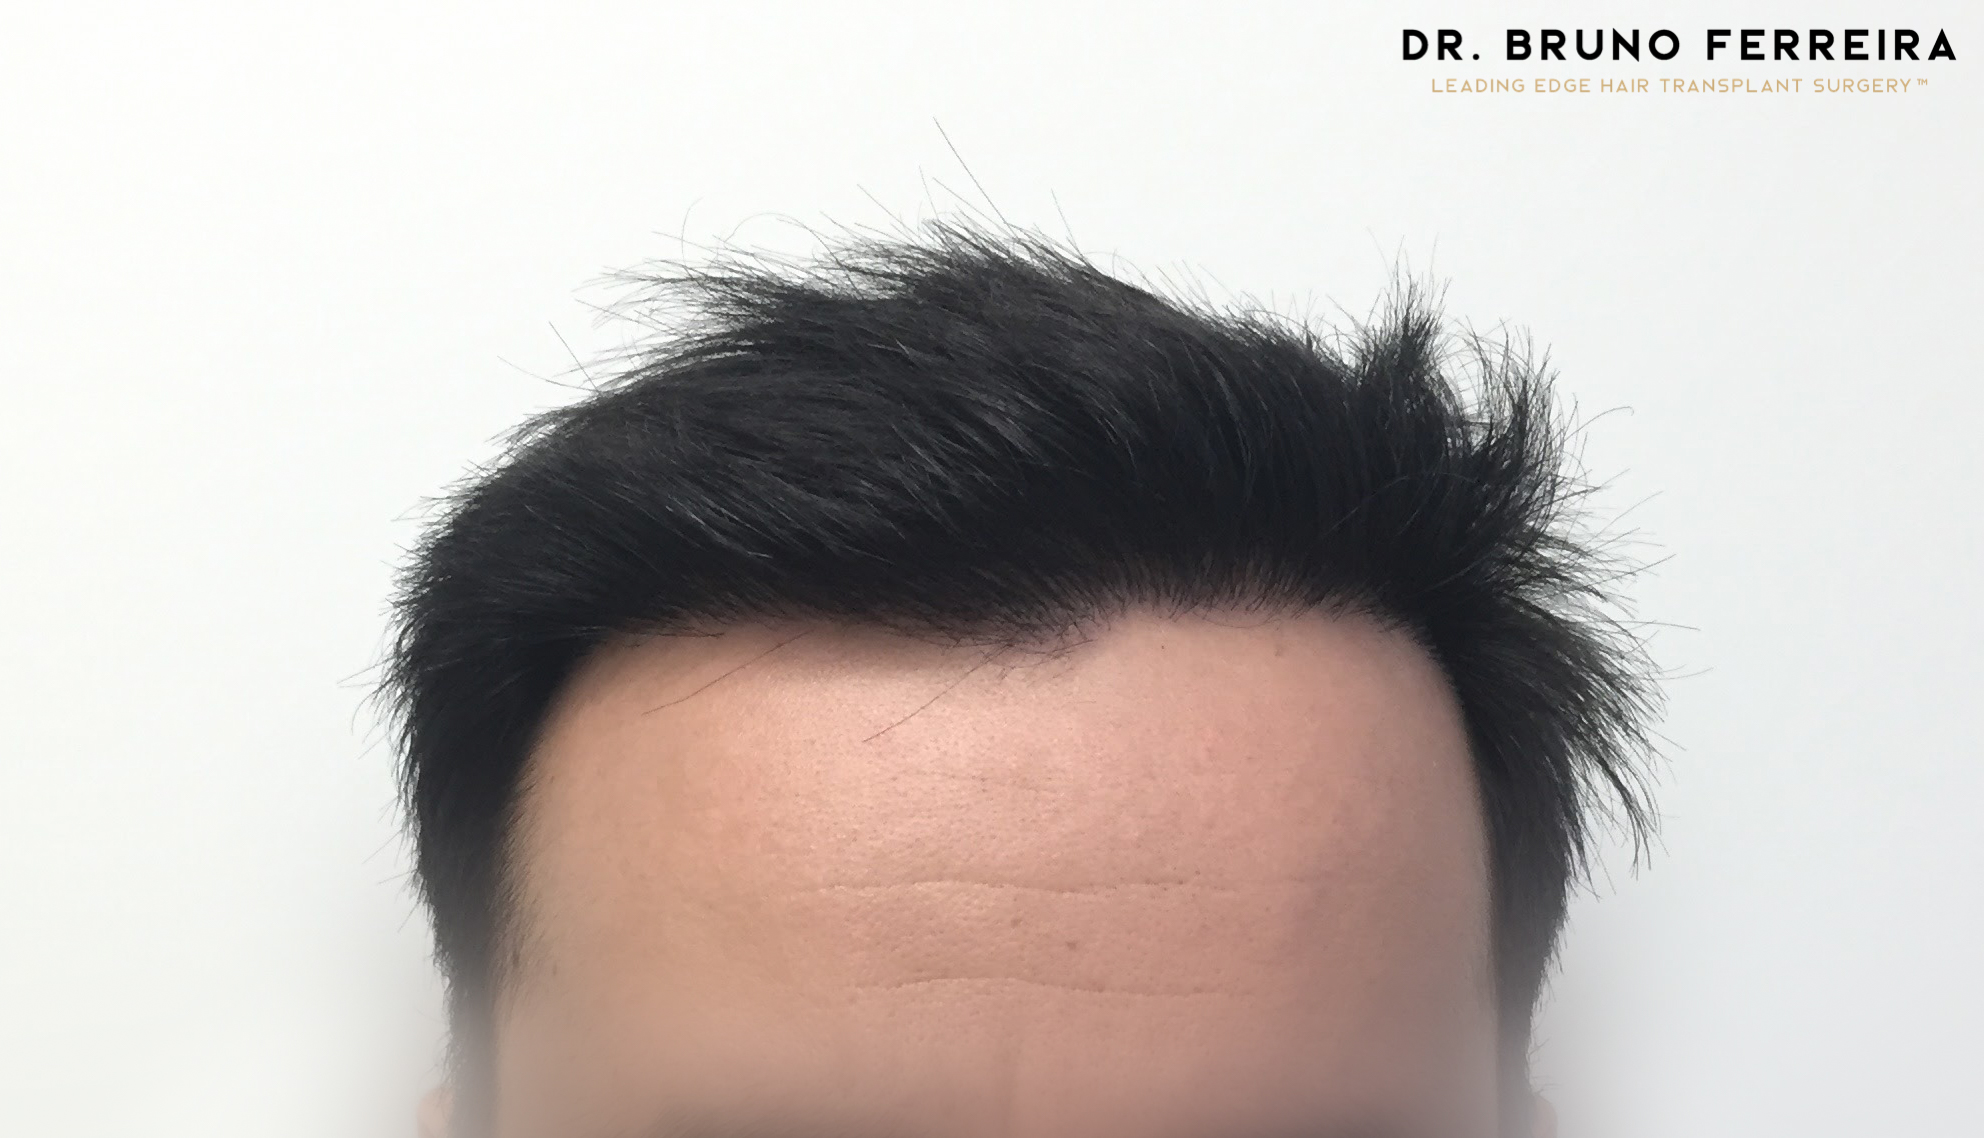 Dr. Bruno Ferreira - Case 4- After - 4.jpg